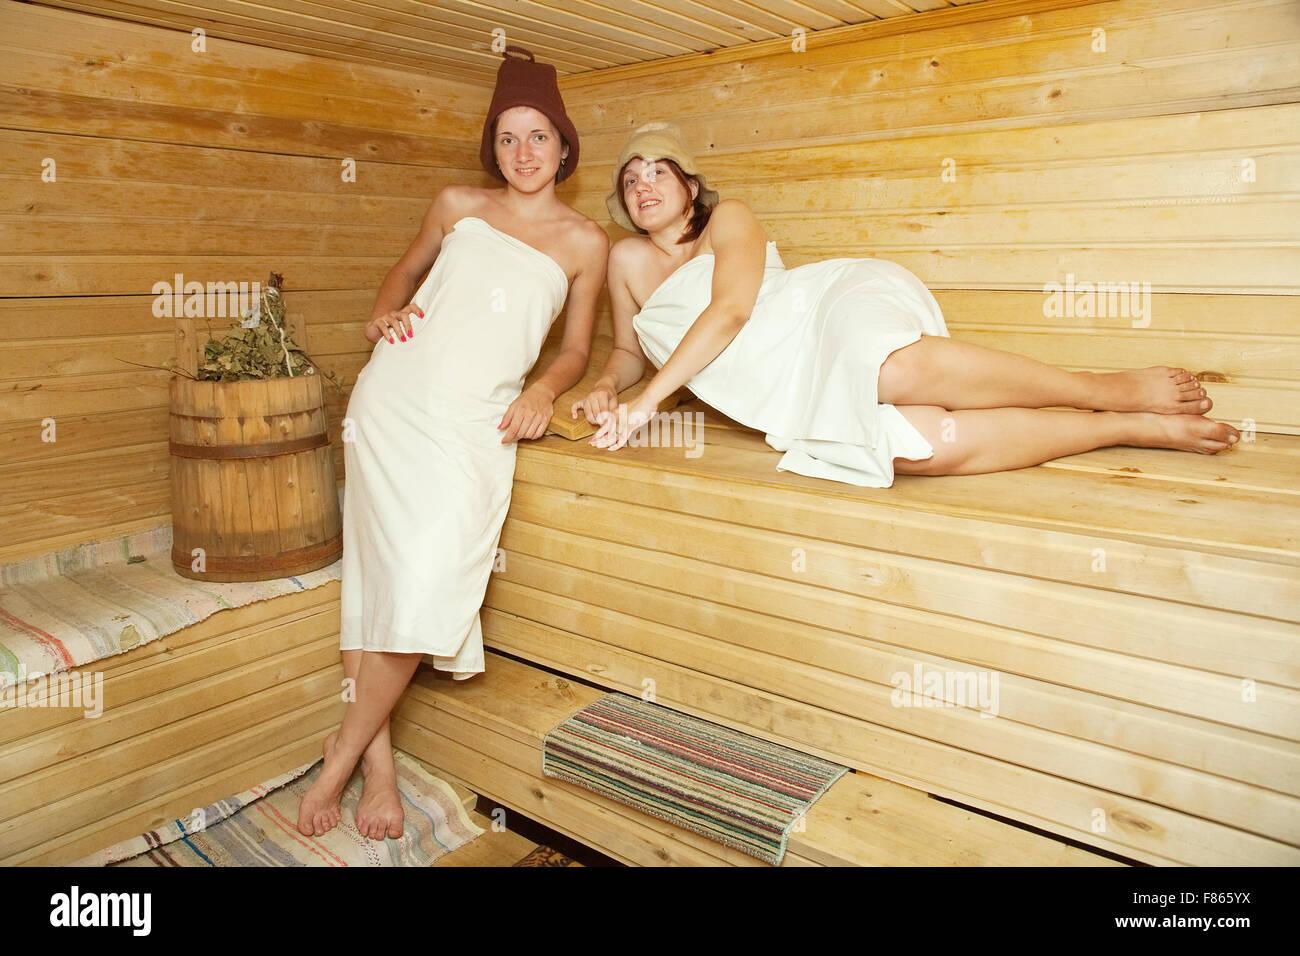 Einzigartig Sauna Bilder Dekoration Von Junge Frauen Ist Unter Dampf-bad Stockbild